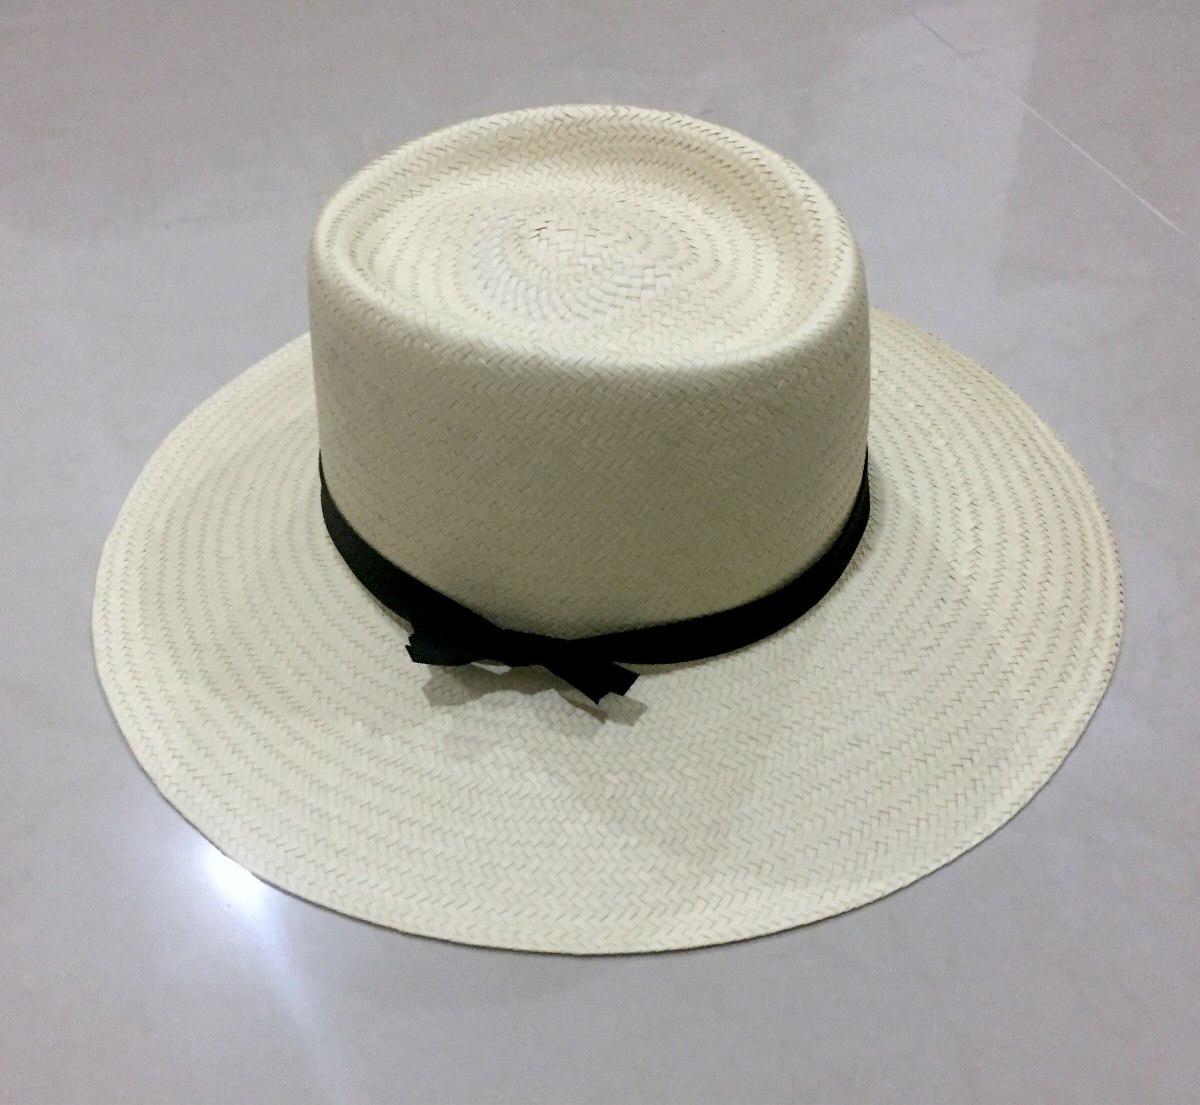 1684d2f36a1c7 Sombrero Panamá Hat De Palma Hecho A Mano Yucateco -   550.00 en ...